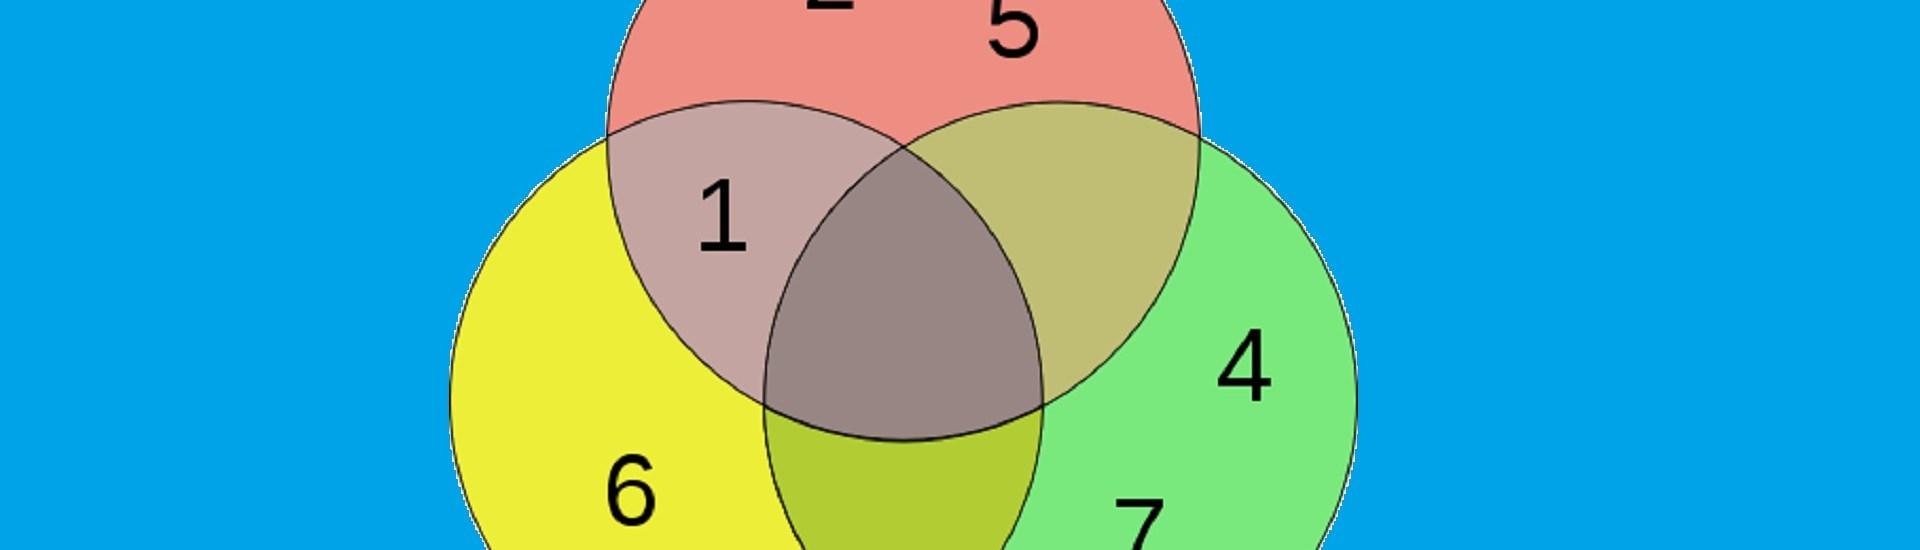 Gregory kaskus o blog do greg part 2 2018 e o diagrama de venn ccuart Choice Image